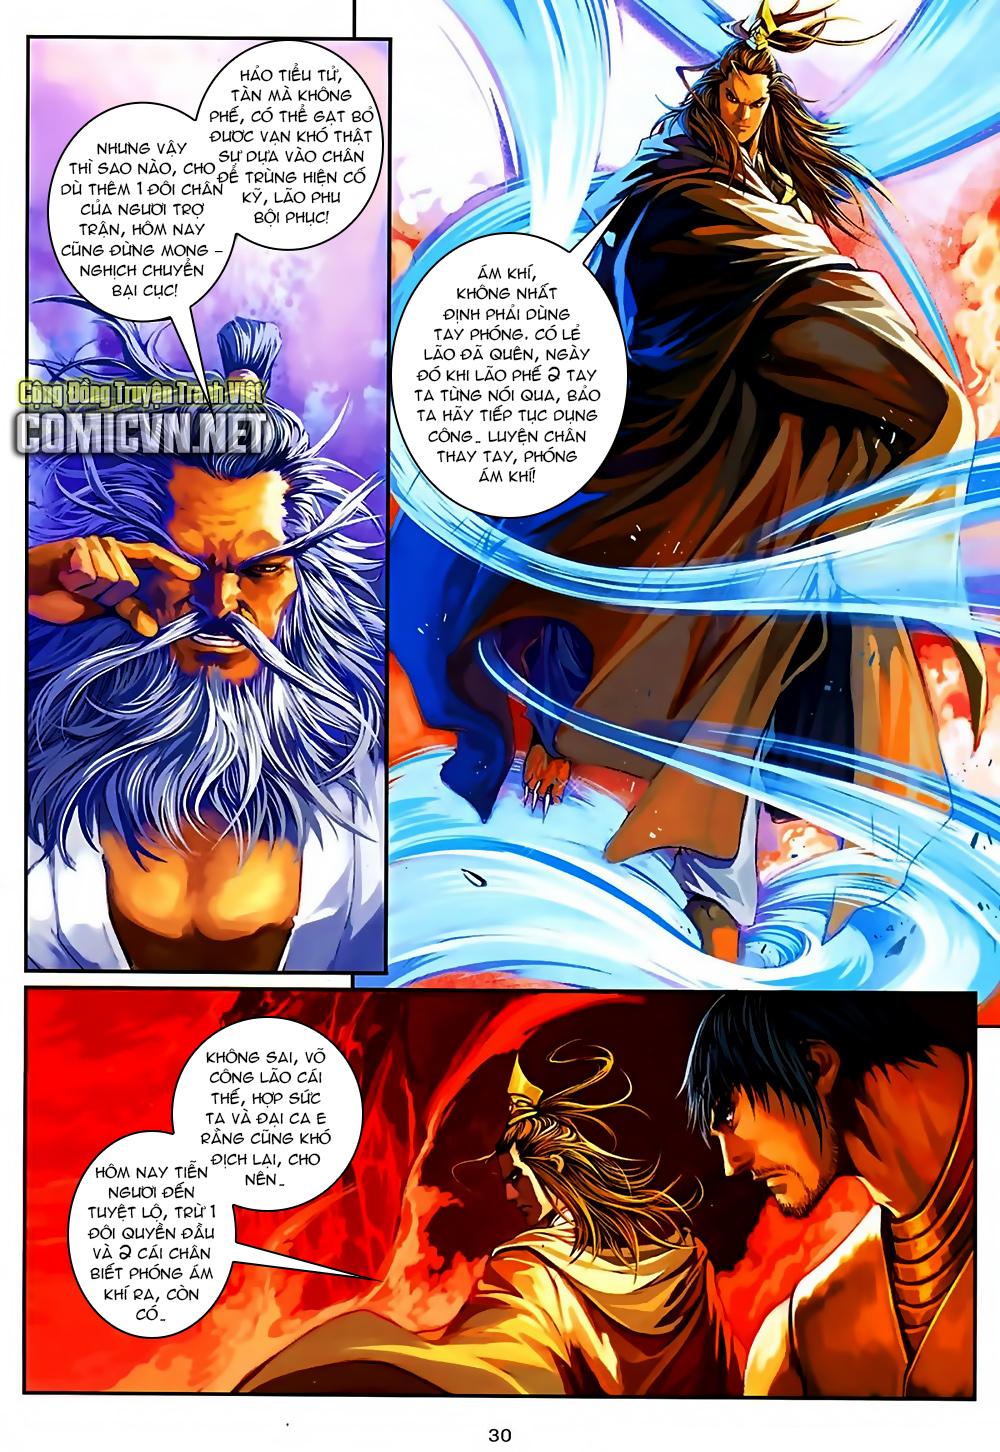 Ôn Thuỵ An Quần Hiệp Truyện Phần 2 chapter 37 trang 29